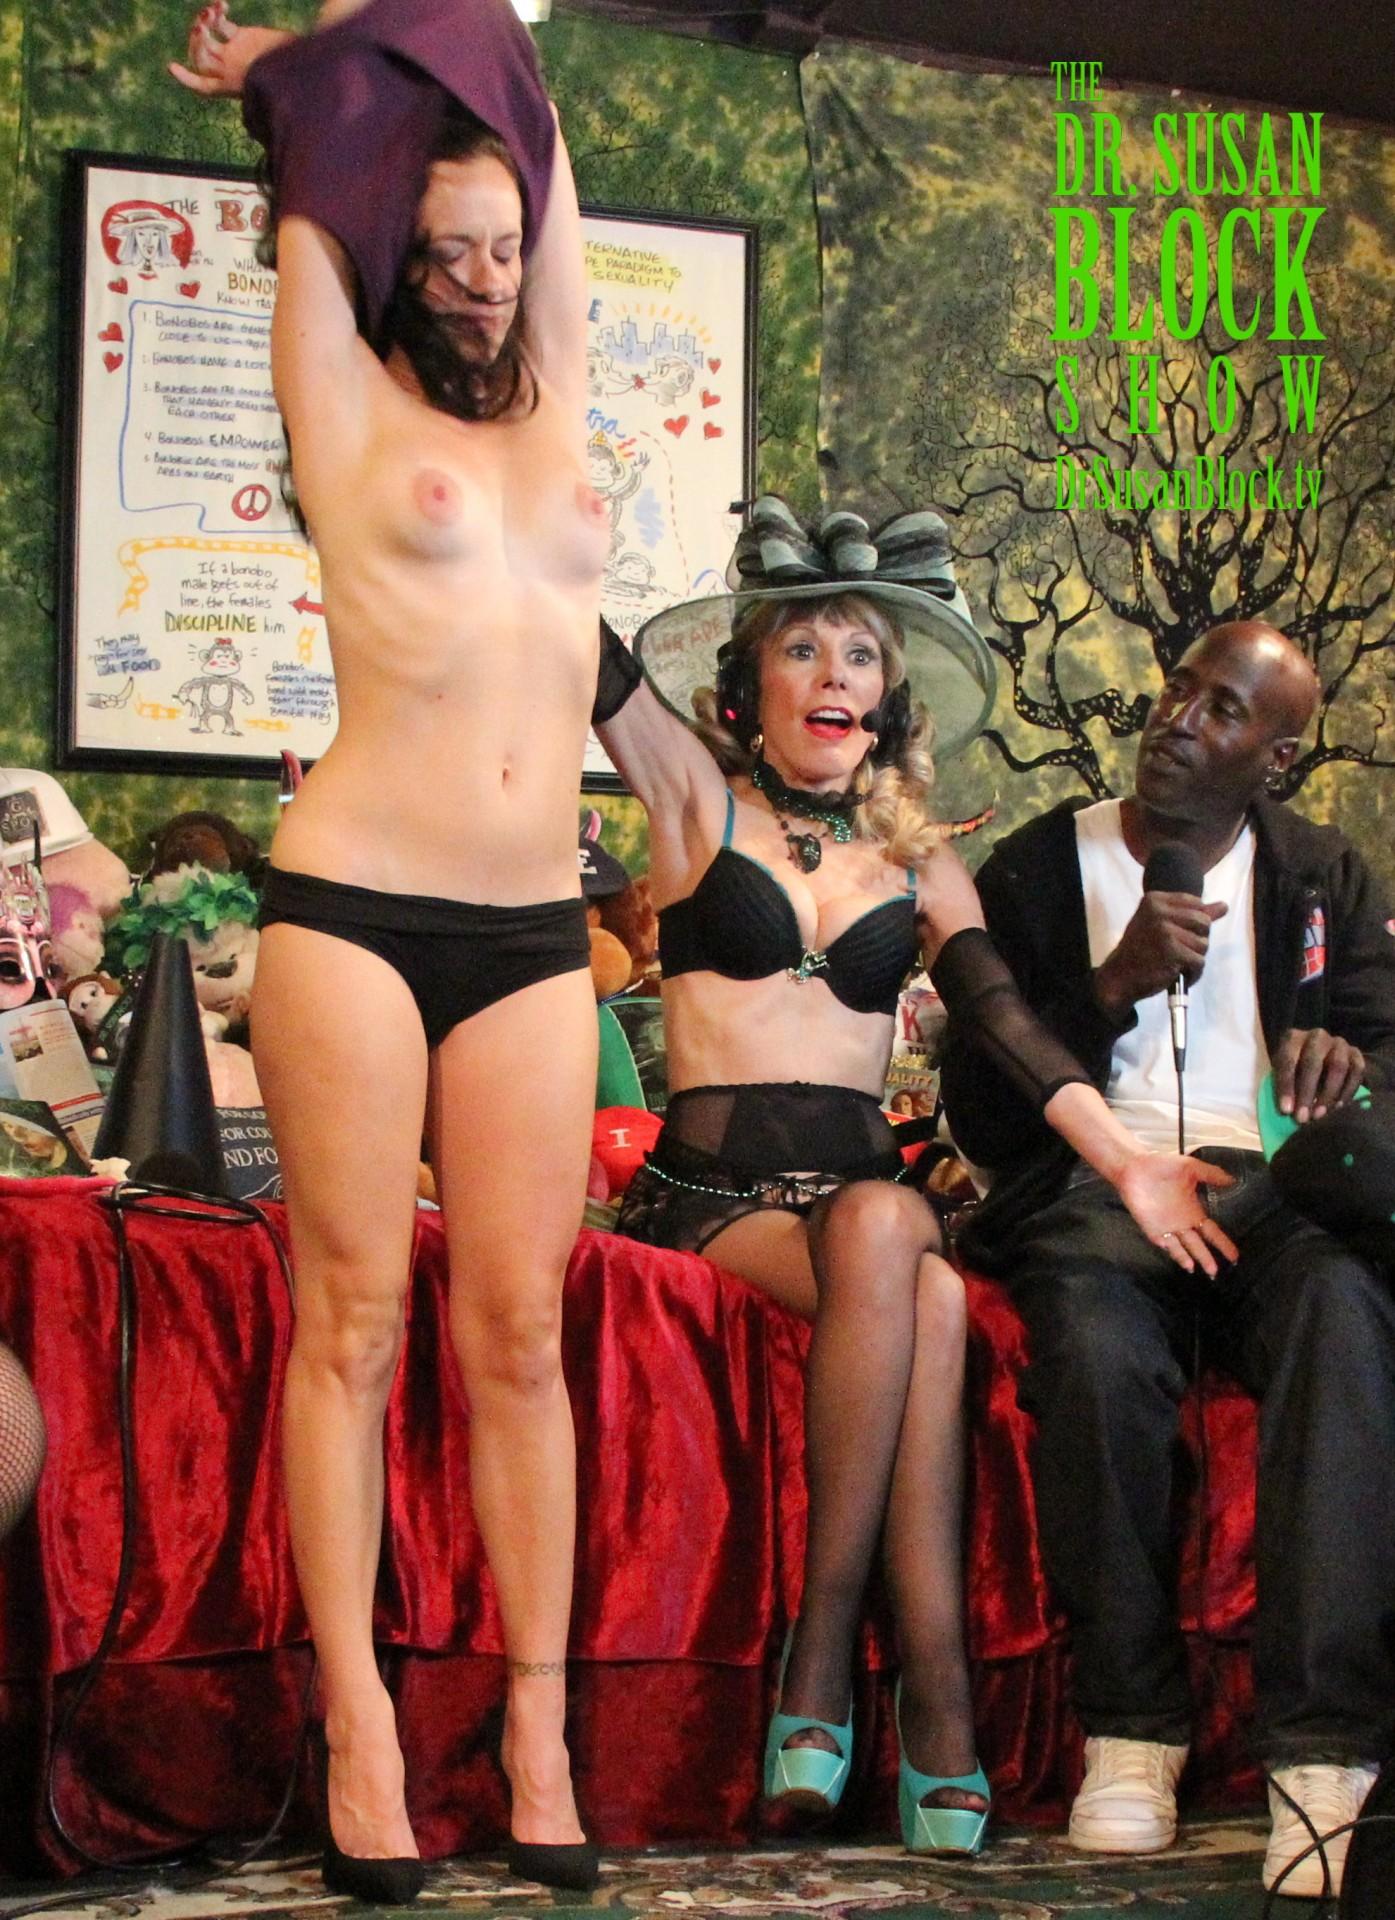 over 45 nude women gallery